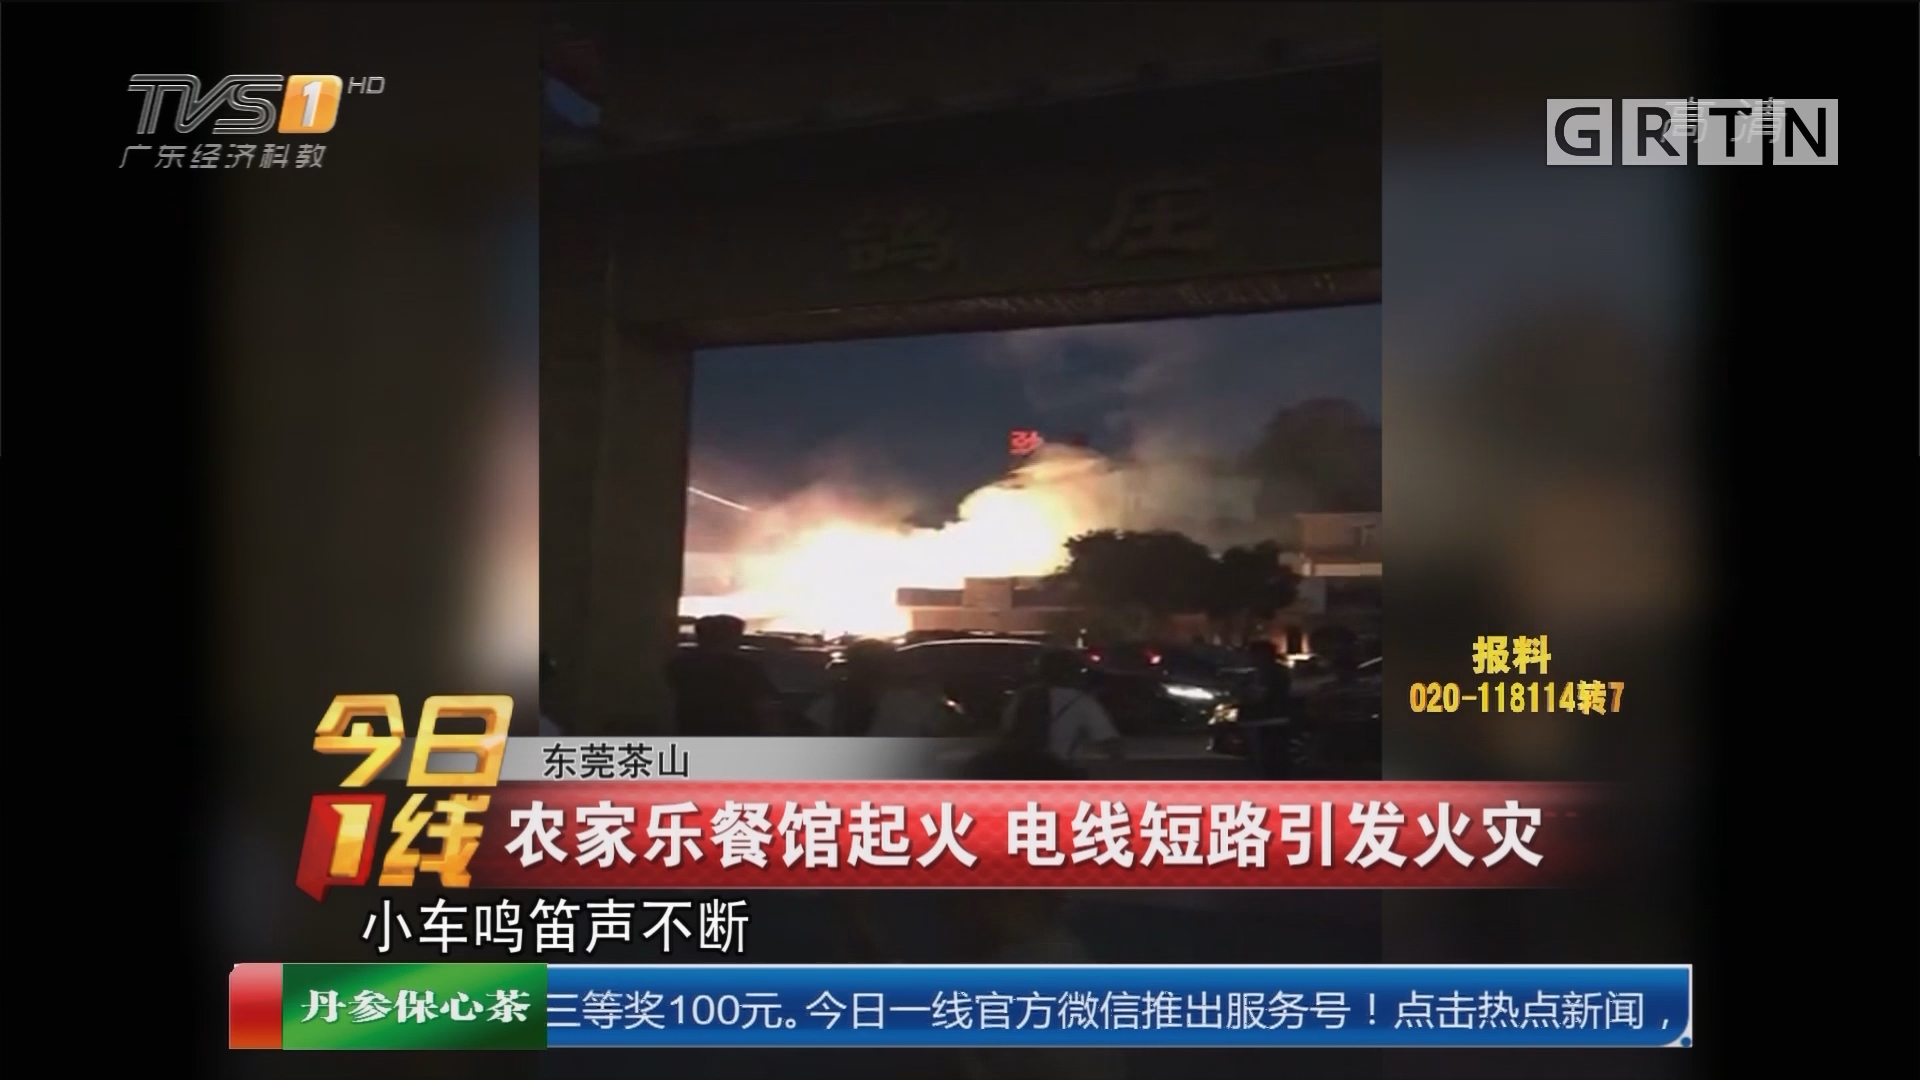 东莞茶山:农家乐餐馆起火 电线短路引发火灾